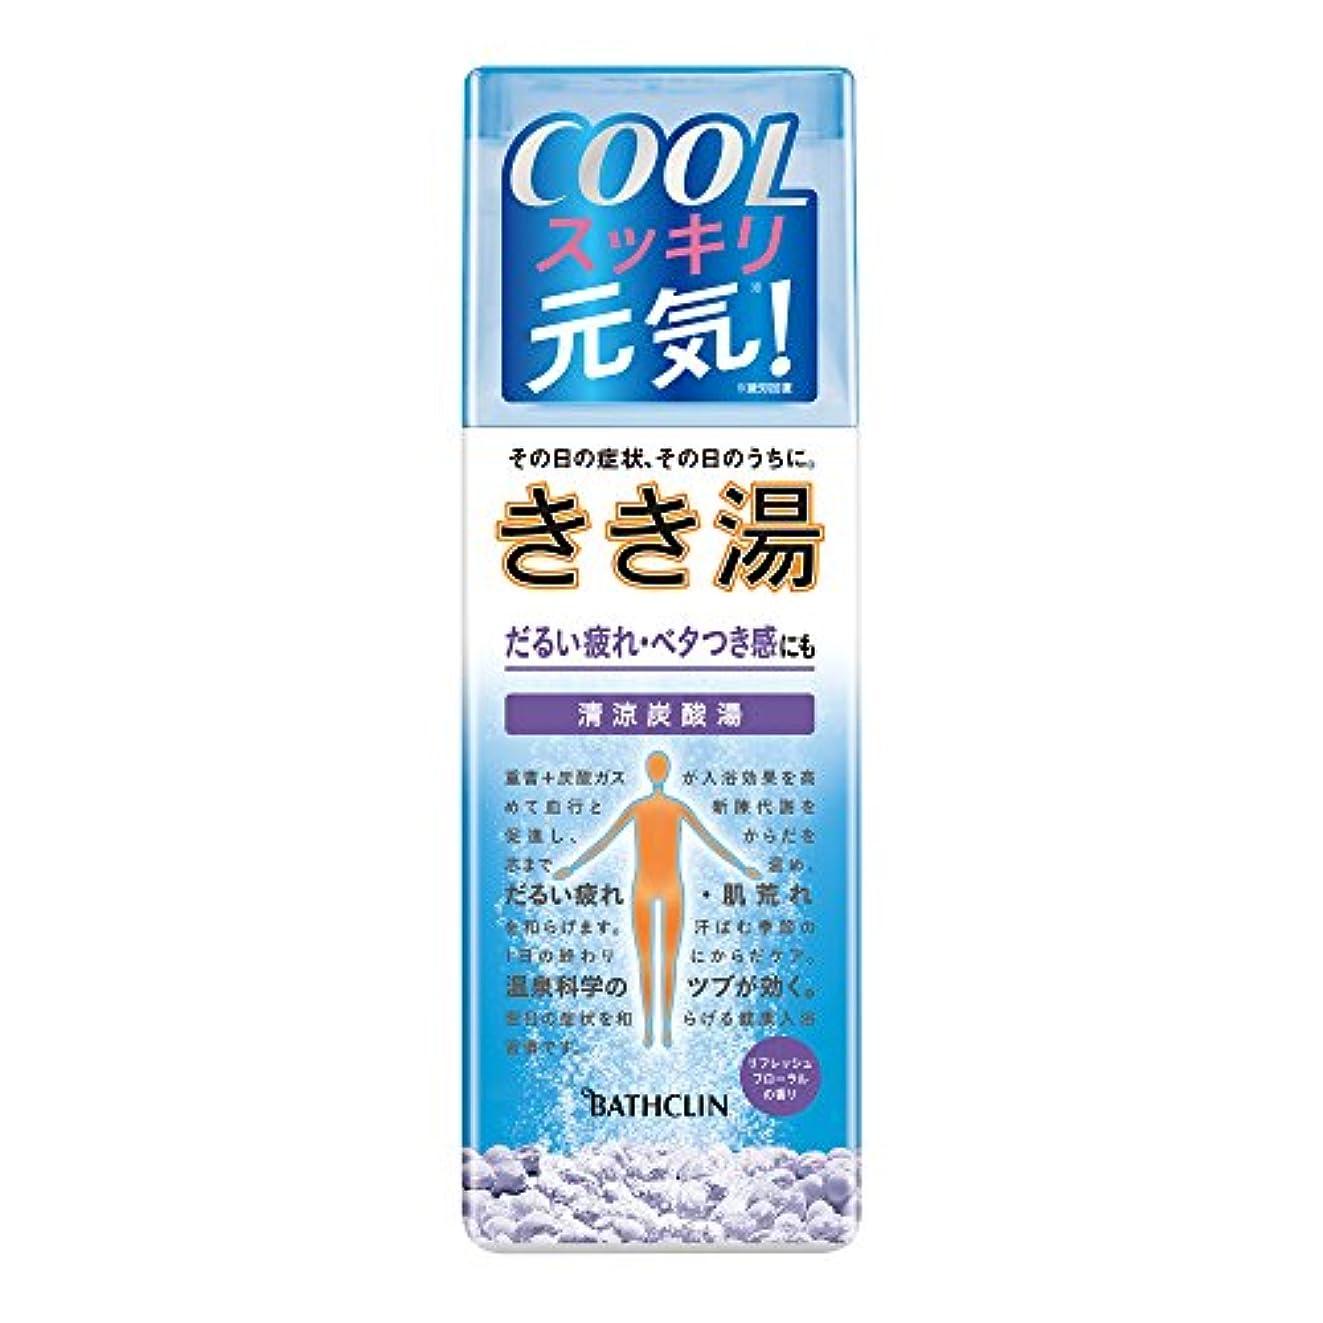 美容師熟す人【医薬部外品】きき湯清涼炭酸湯リフレッシュフローラルの香り 360gマリンブルーの湯透明タイプ 入浴剤